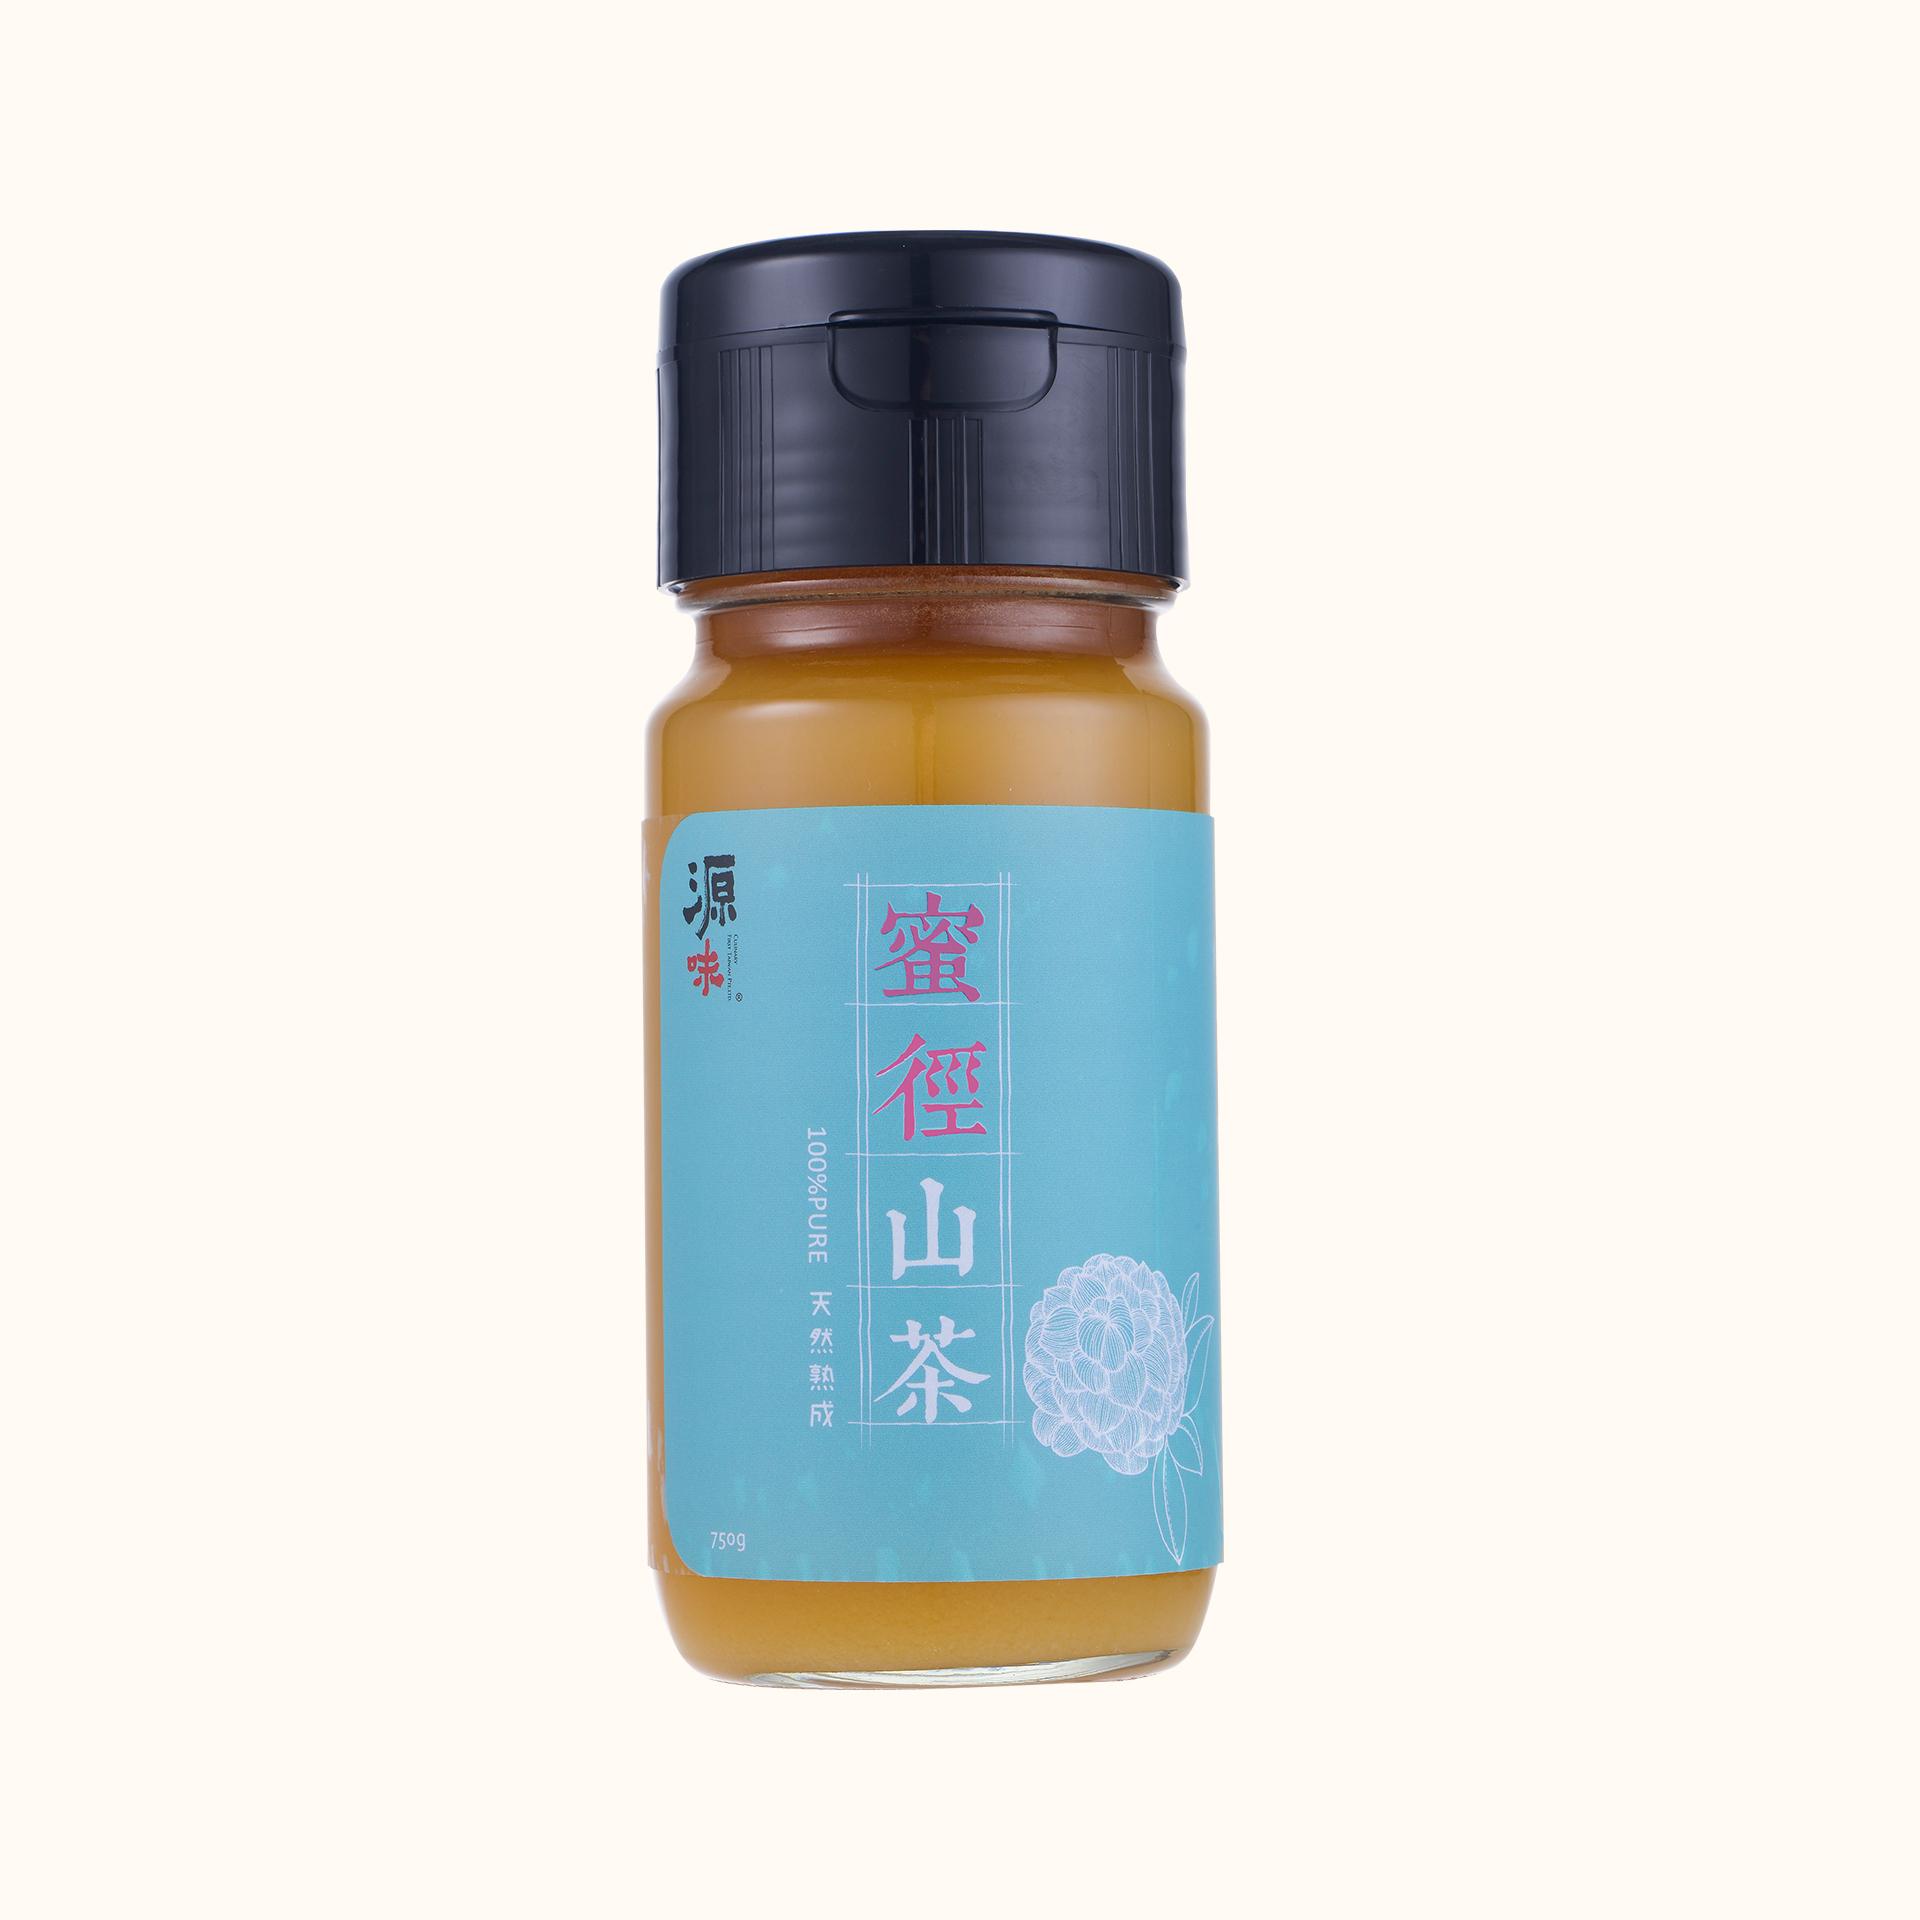 【短效品】蜜徑山茶蜂蜜750g(效期:20180228-20210227)